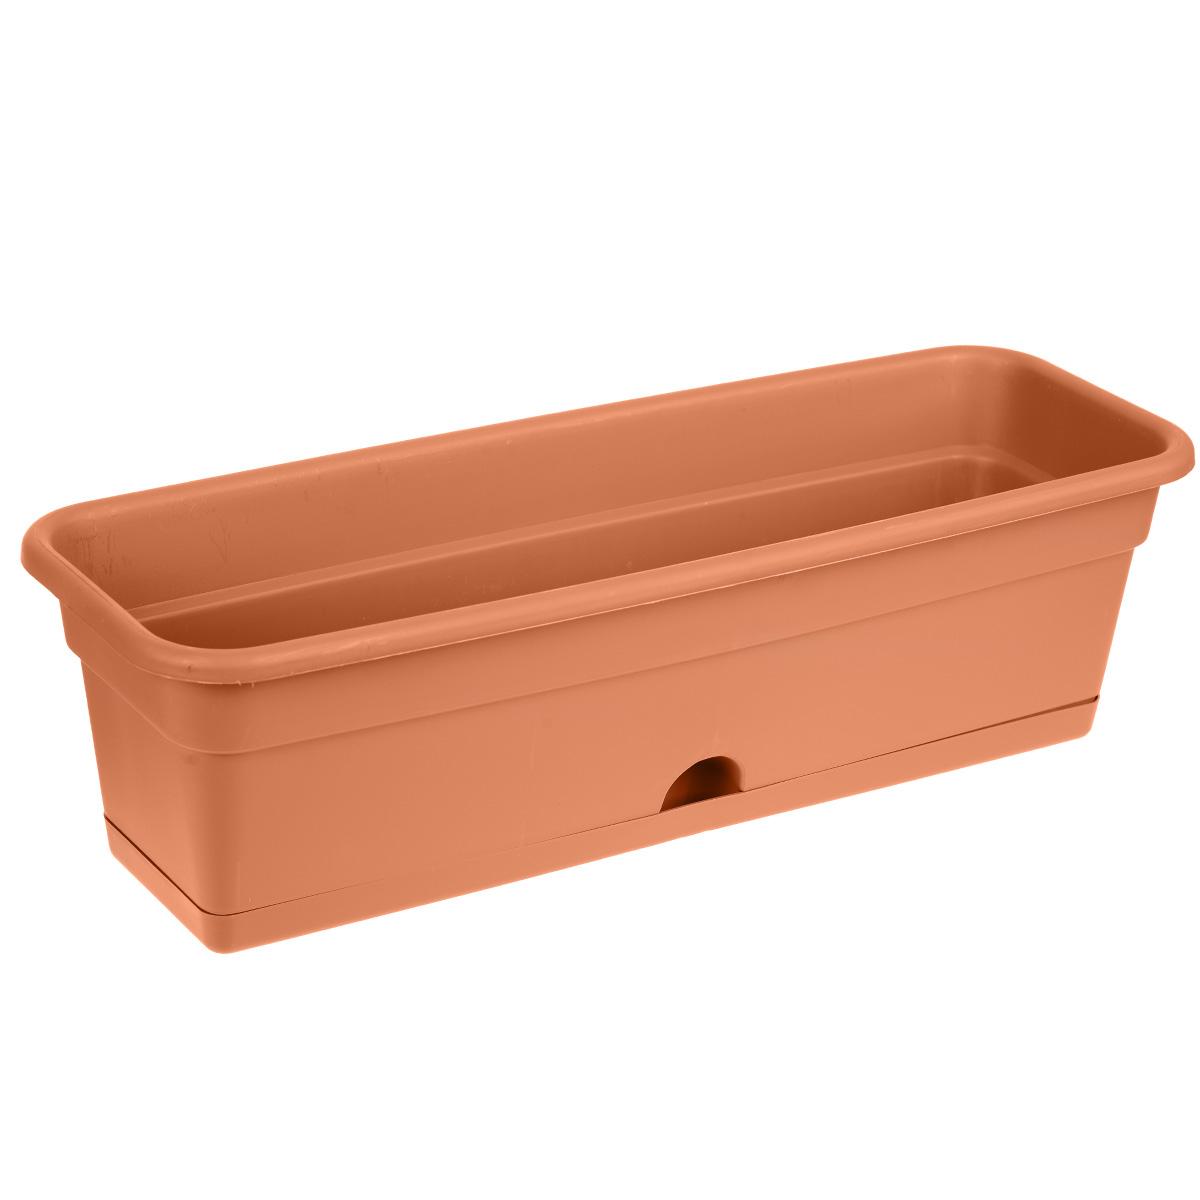 Балконный ящик Darel Plastic, с поддоном, цвет: терракотовый, 60 х 20 х 17 смЯБ0160Балконный ящик Darel Plastic изготовлен из прочного полипропилена (пластика). Снабжен поддоном для стока воды. Система нижнего полива очень удобна для отдельного вида растений - при этом вода наливается не сверху, а внутрь поддона. Изделие прекрасно подходит для выращивания рассады, растений и цветов в домашних условиях.